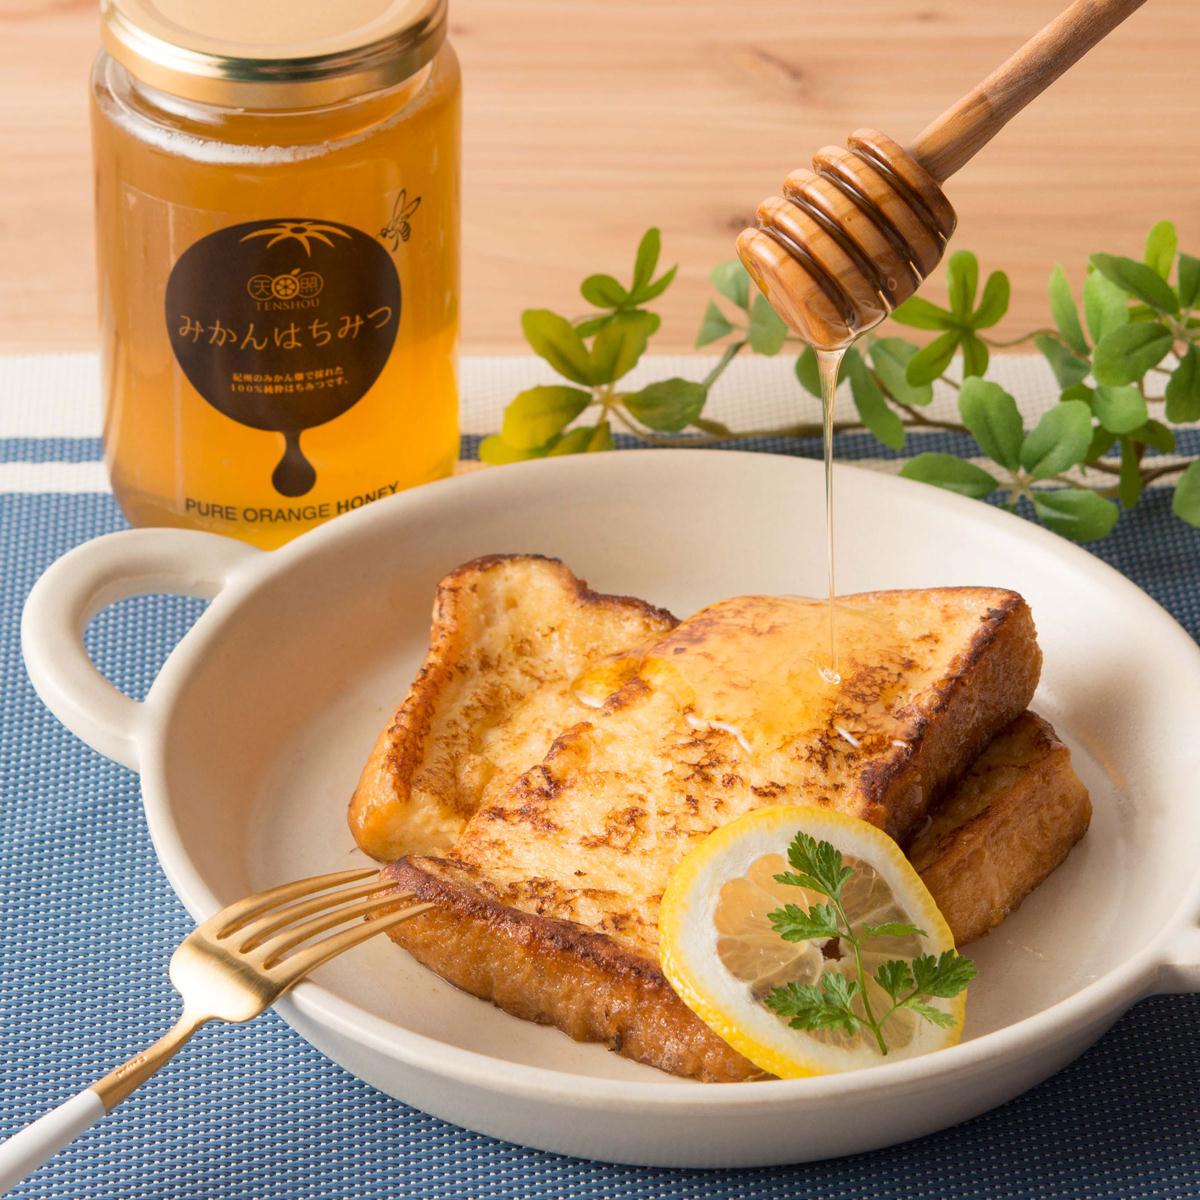 天照 紀州のみかん畑で採れた蜂蜜 国産純粋はちみつ みかんはちみつ 大サイズ〔450g〕